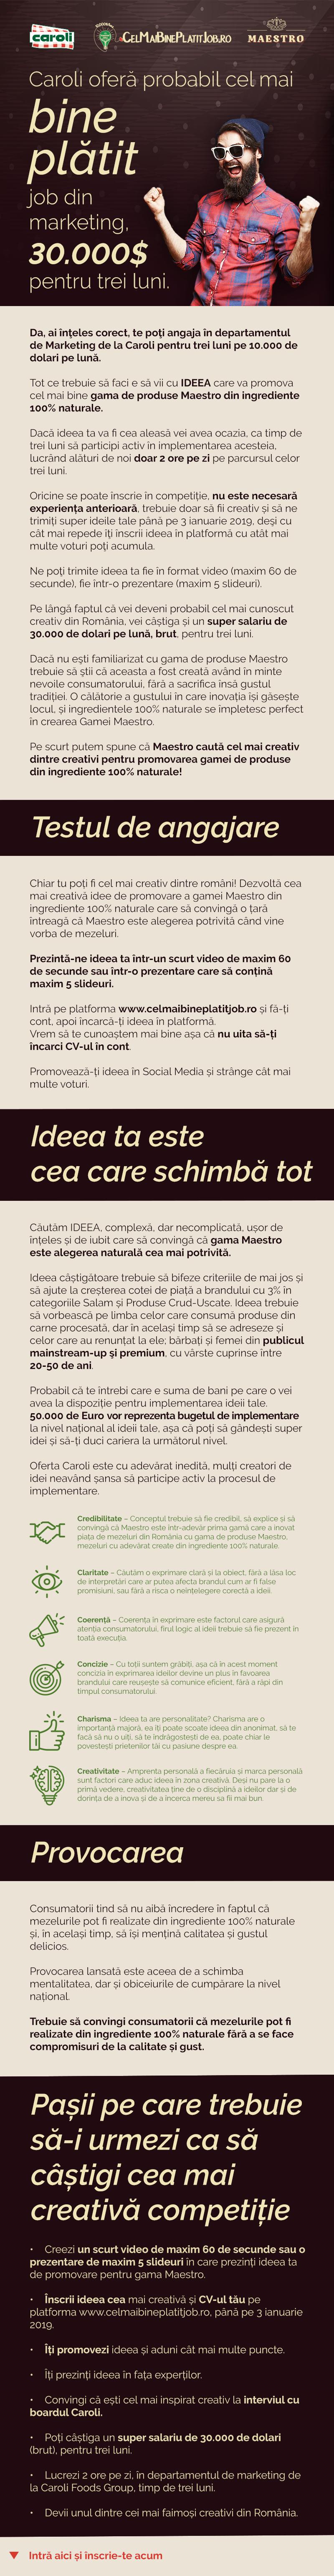 Caroli Foods Group este lider in Romania pe piata productiei si distributiei de mezeluri si preparate din carne. Compania are sediul in Bucuresti, detine o fabrica la Pitesti si o retea de distributie nationala, cu puncte de lucru in principalele orase din tara: Cluj, Timisoara, Brasov, Bacau, Constanta, Pitesti, Craiova, Sibiu.Mai multe detalii despre companie poti gasi accesand www.carolifoods.ro sau ne poti cauta pe Facebook si LinkedIn (Caroli Foods Cariere).Întrucât asigurarea confidențialității datelor dvs. cu caracter personal reprezintă o prioritate pentru noi, vă invităm să parcurgeti informațiile referitoare la prelucrarea datelor cu caracter personal în acest context, disponibile în cadrul notei de informare care poate fi accesata www.carolifoods.ro/protectia-datelor-personale/.  Cel mai creativ dintre creativi pentru promovarea gamei de produse Maestro din ingrediente 100% naturale. Ai cele mai bune idei de promovare? Dacă da, asta e șansa vieții tale, înscrie-te și tu în cea mai creativă competiție din România și dă-ne pe spate cu ideile tale. Te așteptăm cu un super salariu de 10.000 de dolari pe lună, timp de trei luni!  Dacă ai creativitatea în sânge cei de la Maestro ți-au pregătit o super provocare! Ideea ta creativă poate valora 10.000 de dolari pe lună, timp de trei luni.  Nu ai fi aici dacă nu ai căuta activ cea mai bună oportunitate de dezvoltare a carierei tale, ocazia aia unică pe care o așteptai toată viața. Noi credem că așteptarea a luat sfârșit. Recent a fost lansată competiția dedicată oricărui creativ, Cel mai bine plătit job, competiție în care cei de la Caroli caută cea mai creativă idee pentru promovarea gamei de produse Maestro din ingrediente 100% naturale. Gama Maestro oferă 10.000 de dolari pe lună, brut, timp de trei luni, celui mai creativ dintre creativi. Adică te poți angaja în departamentul de Marketing de la Caroli pentru trei luni pe 10.000 de dolari pe lună, dacă ideea propusă de tine va fi cea câștigătoare.  Poate cauți 